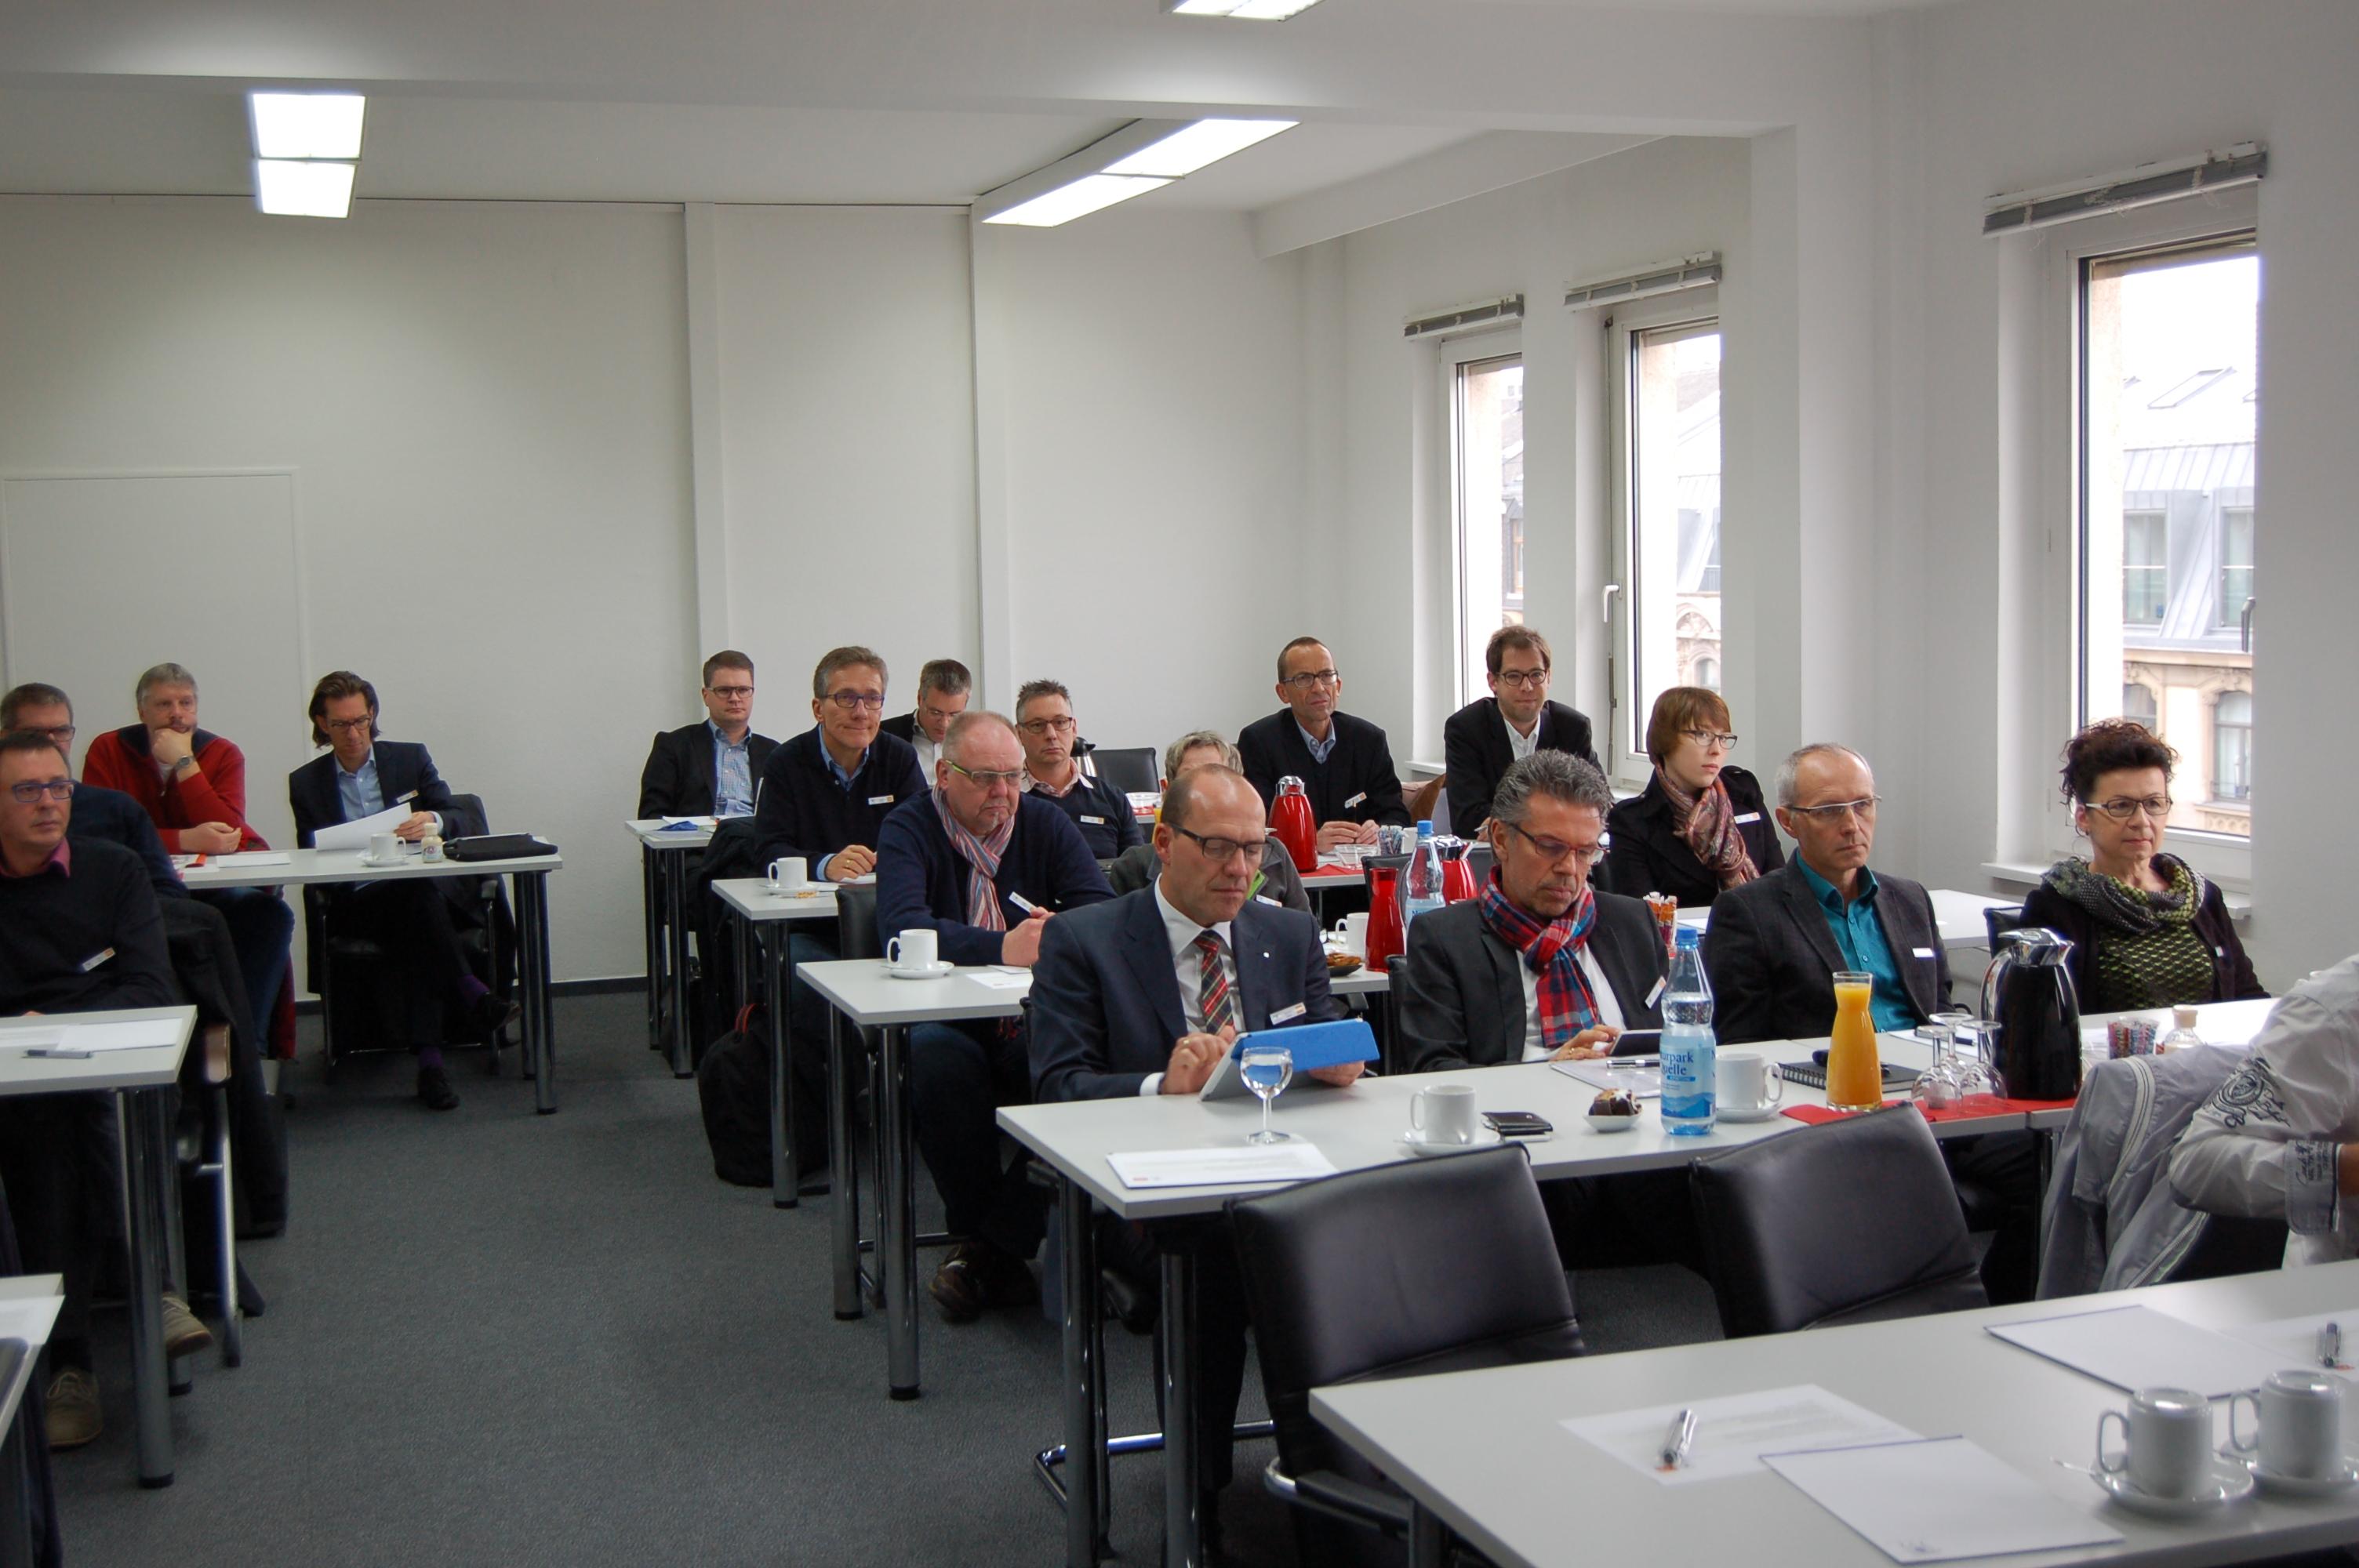 Bild von Teilnehmern desGeomarketing-Seminars des ZVA in Frankfurt